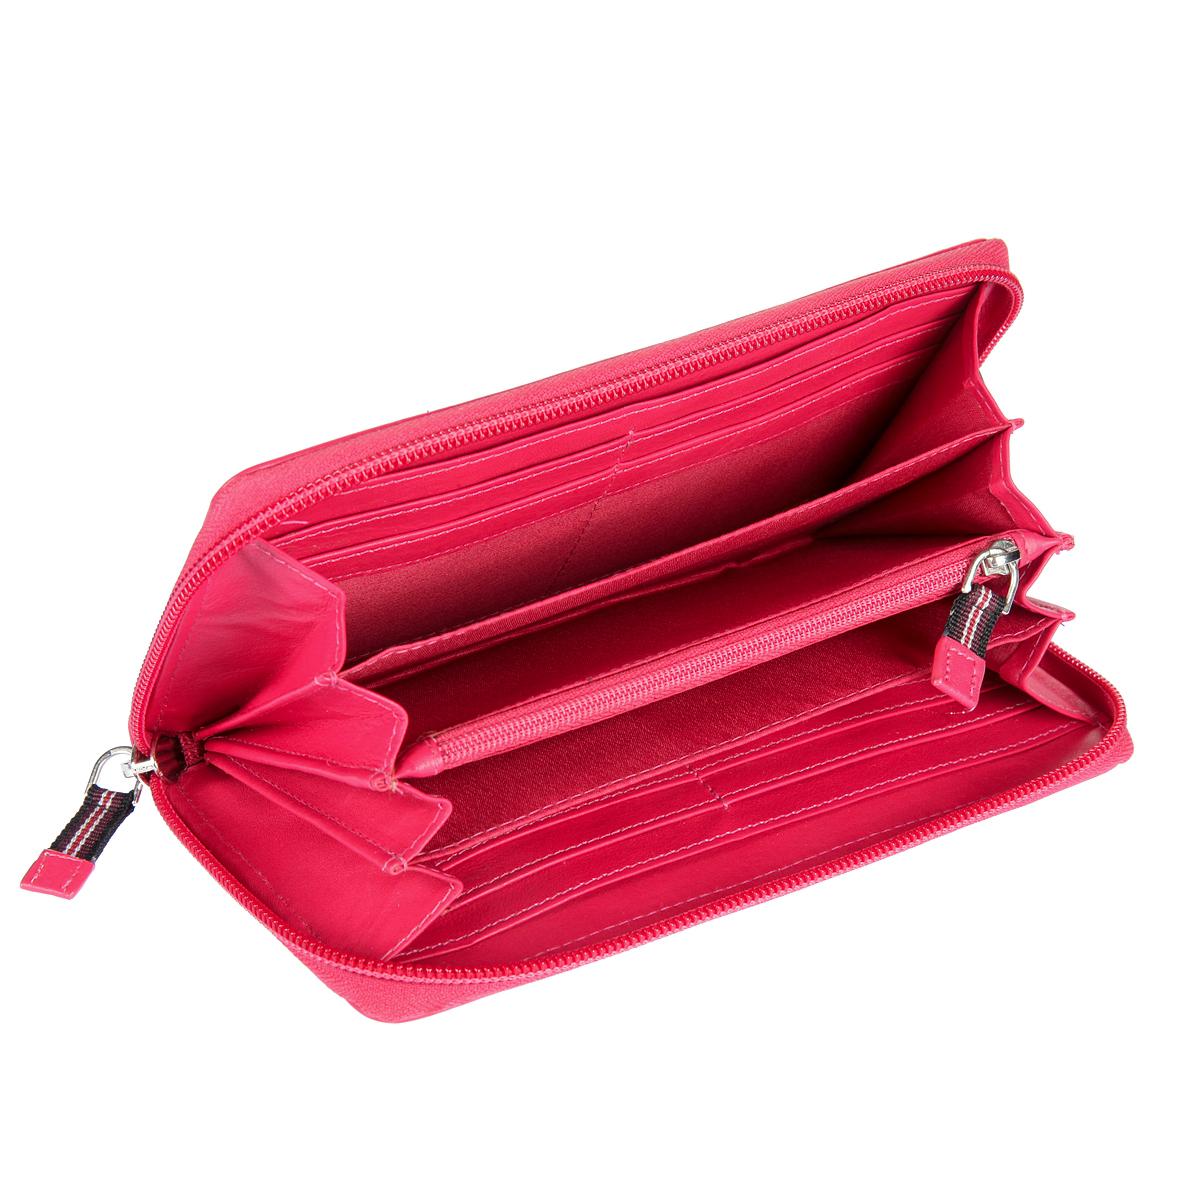 Кошелек женский Mano, цвет: розовый. 20102 SetruBM8434-58AEКошелек женский Mano выполнен из натуральной кожи. Модель закрывается по периметру на молнию, внутри четыре отдела для купюр, карман для мелочи на молнии, два кармана для документов, восемь кармашков для пластиковых карт.